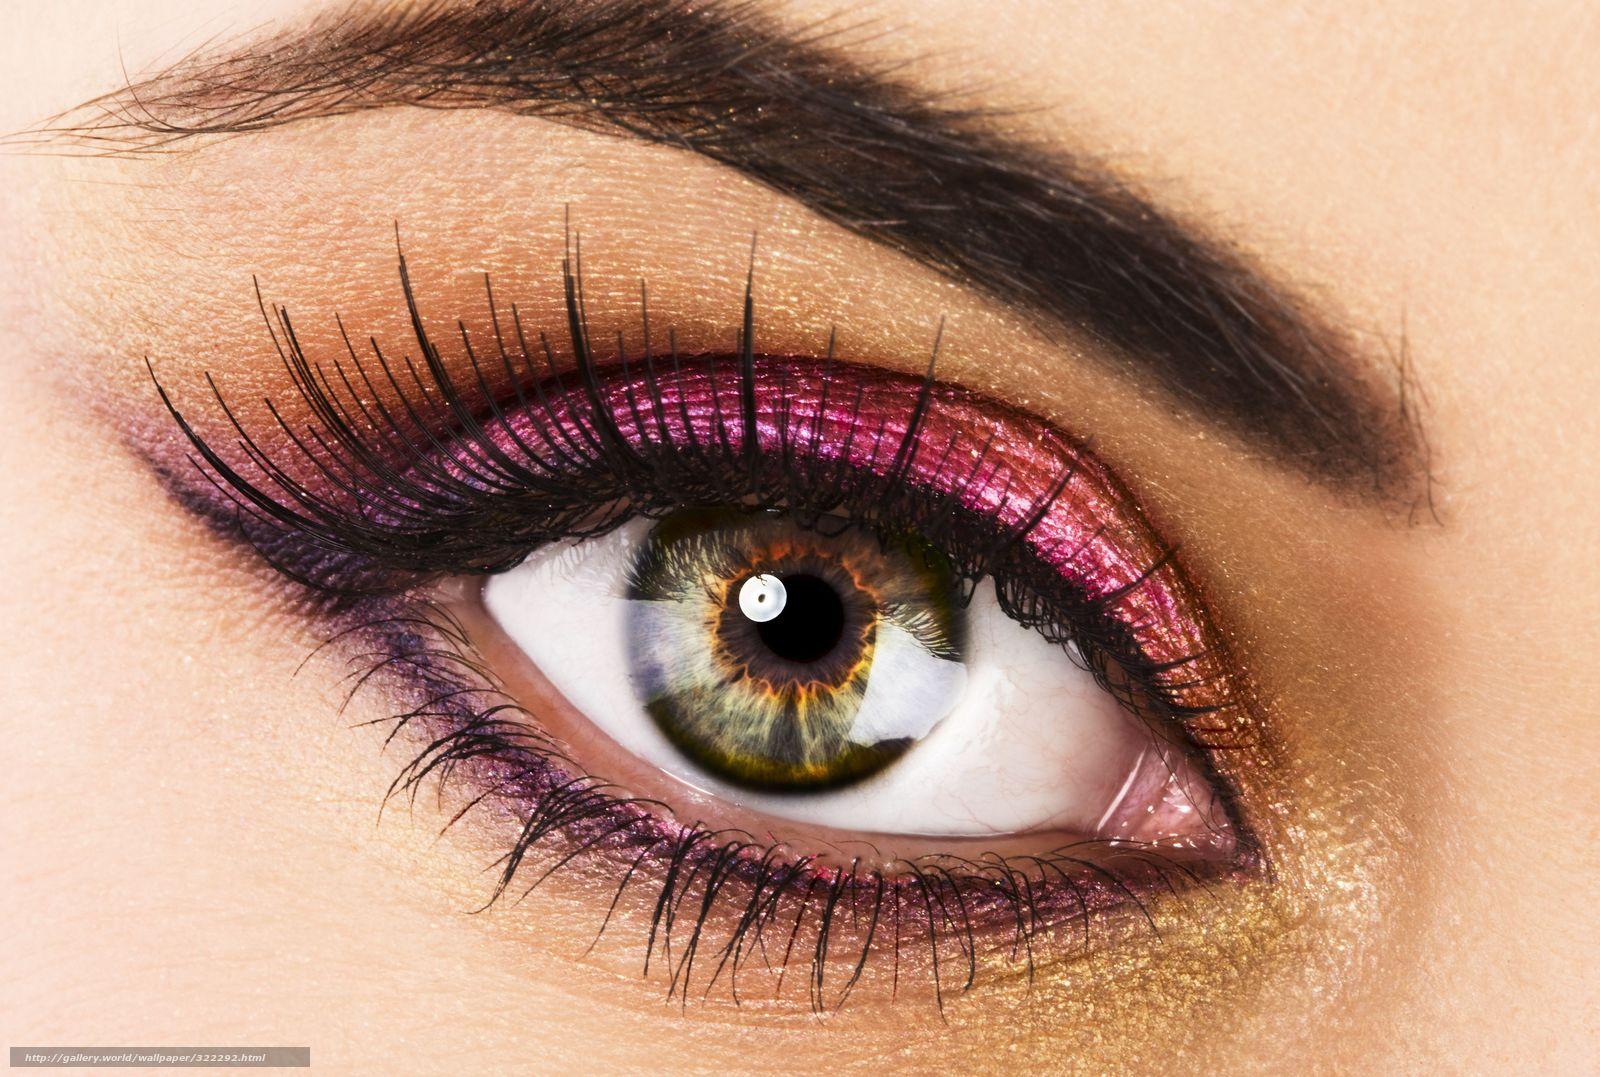 Скачать обои глаз,   ресницы,   макияж,   тени бесплатно для рабочего стола в разрешении 4484x3017 — картинка №322292